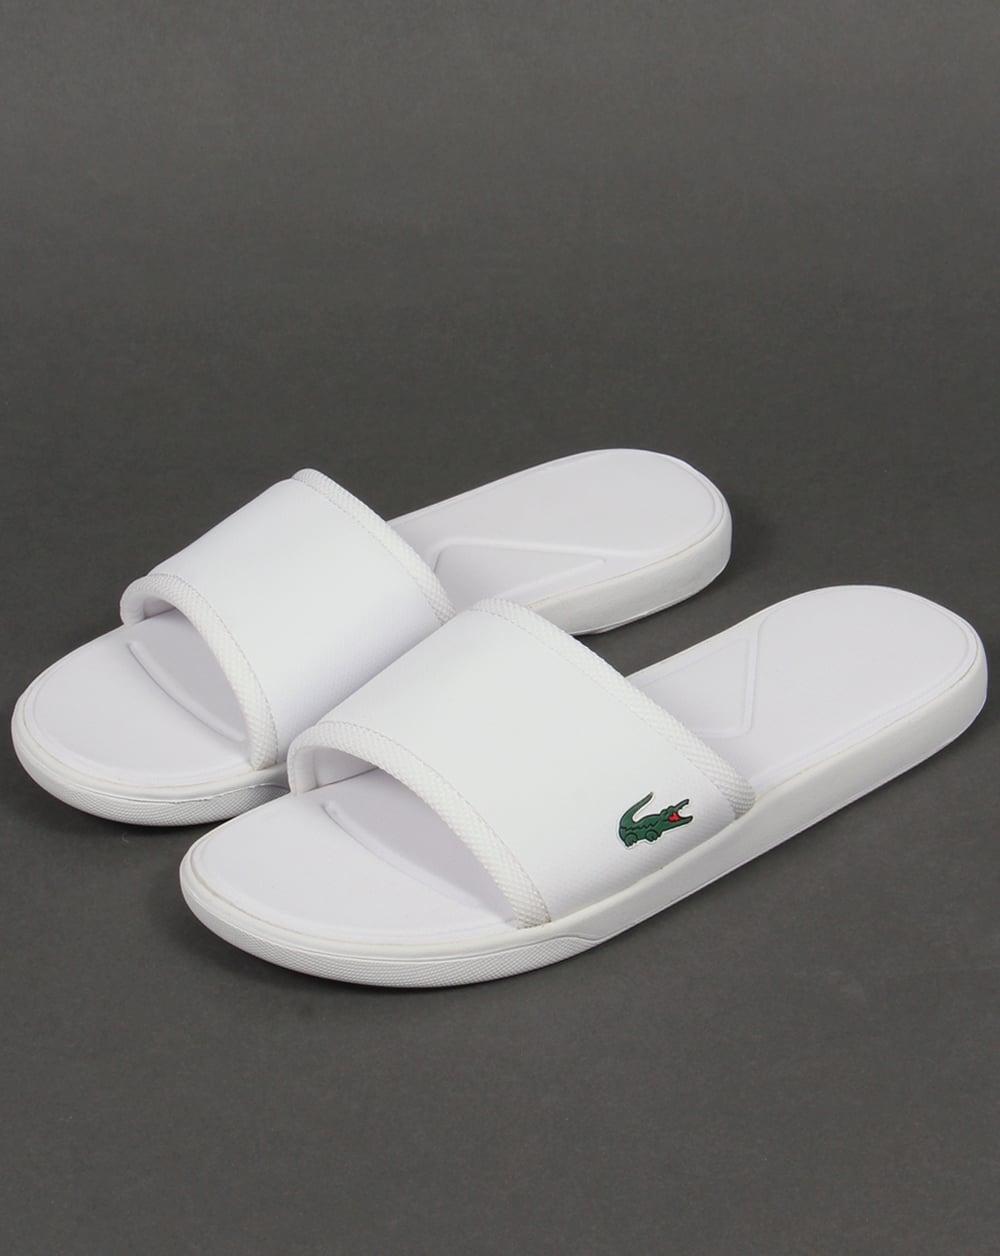 Sport Sliders White,sandals,flip flops,mens